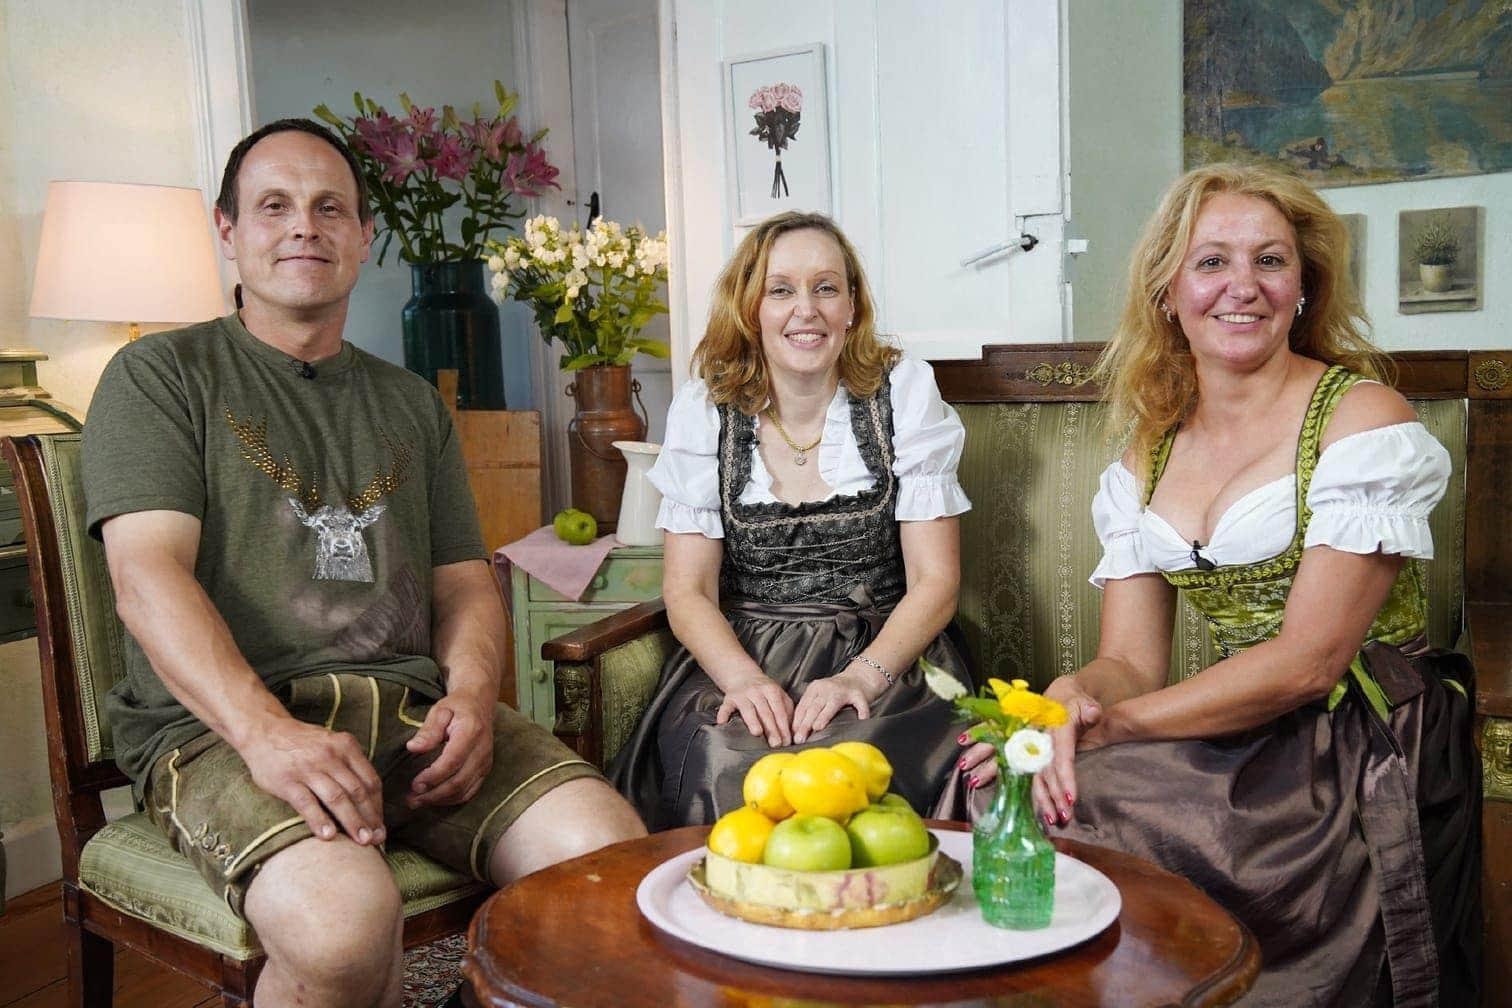 <p>Kuhbauer Leopold (49) aus Österreich präsentierte sich hingegen wortkarg und desinteressiert gegenüber seinen auserwählten Damen.</p> Foto: MG RTL D / Stefan Gregorowius